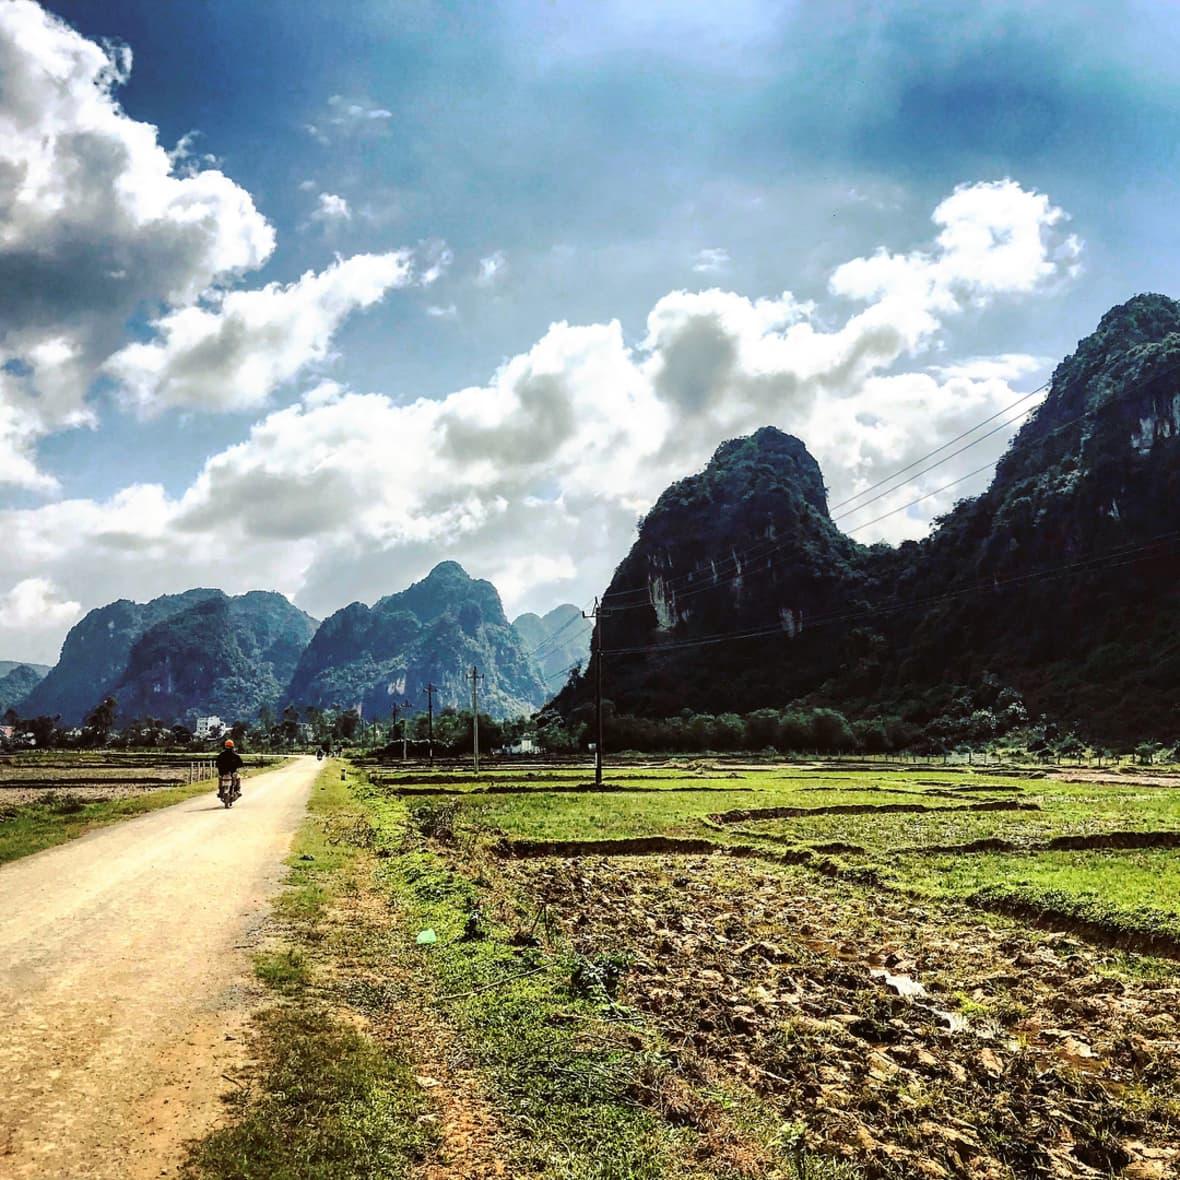 Parchi Vietnam: Phong Nha-Ke Bang